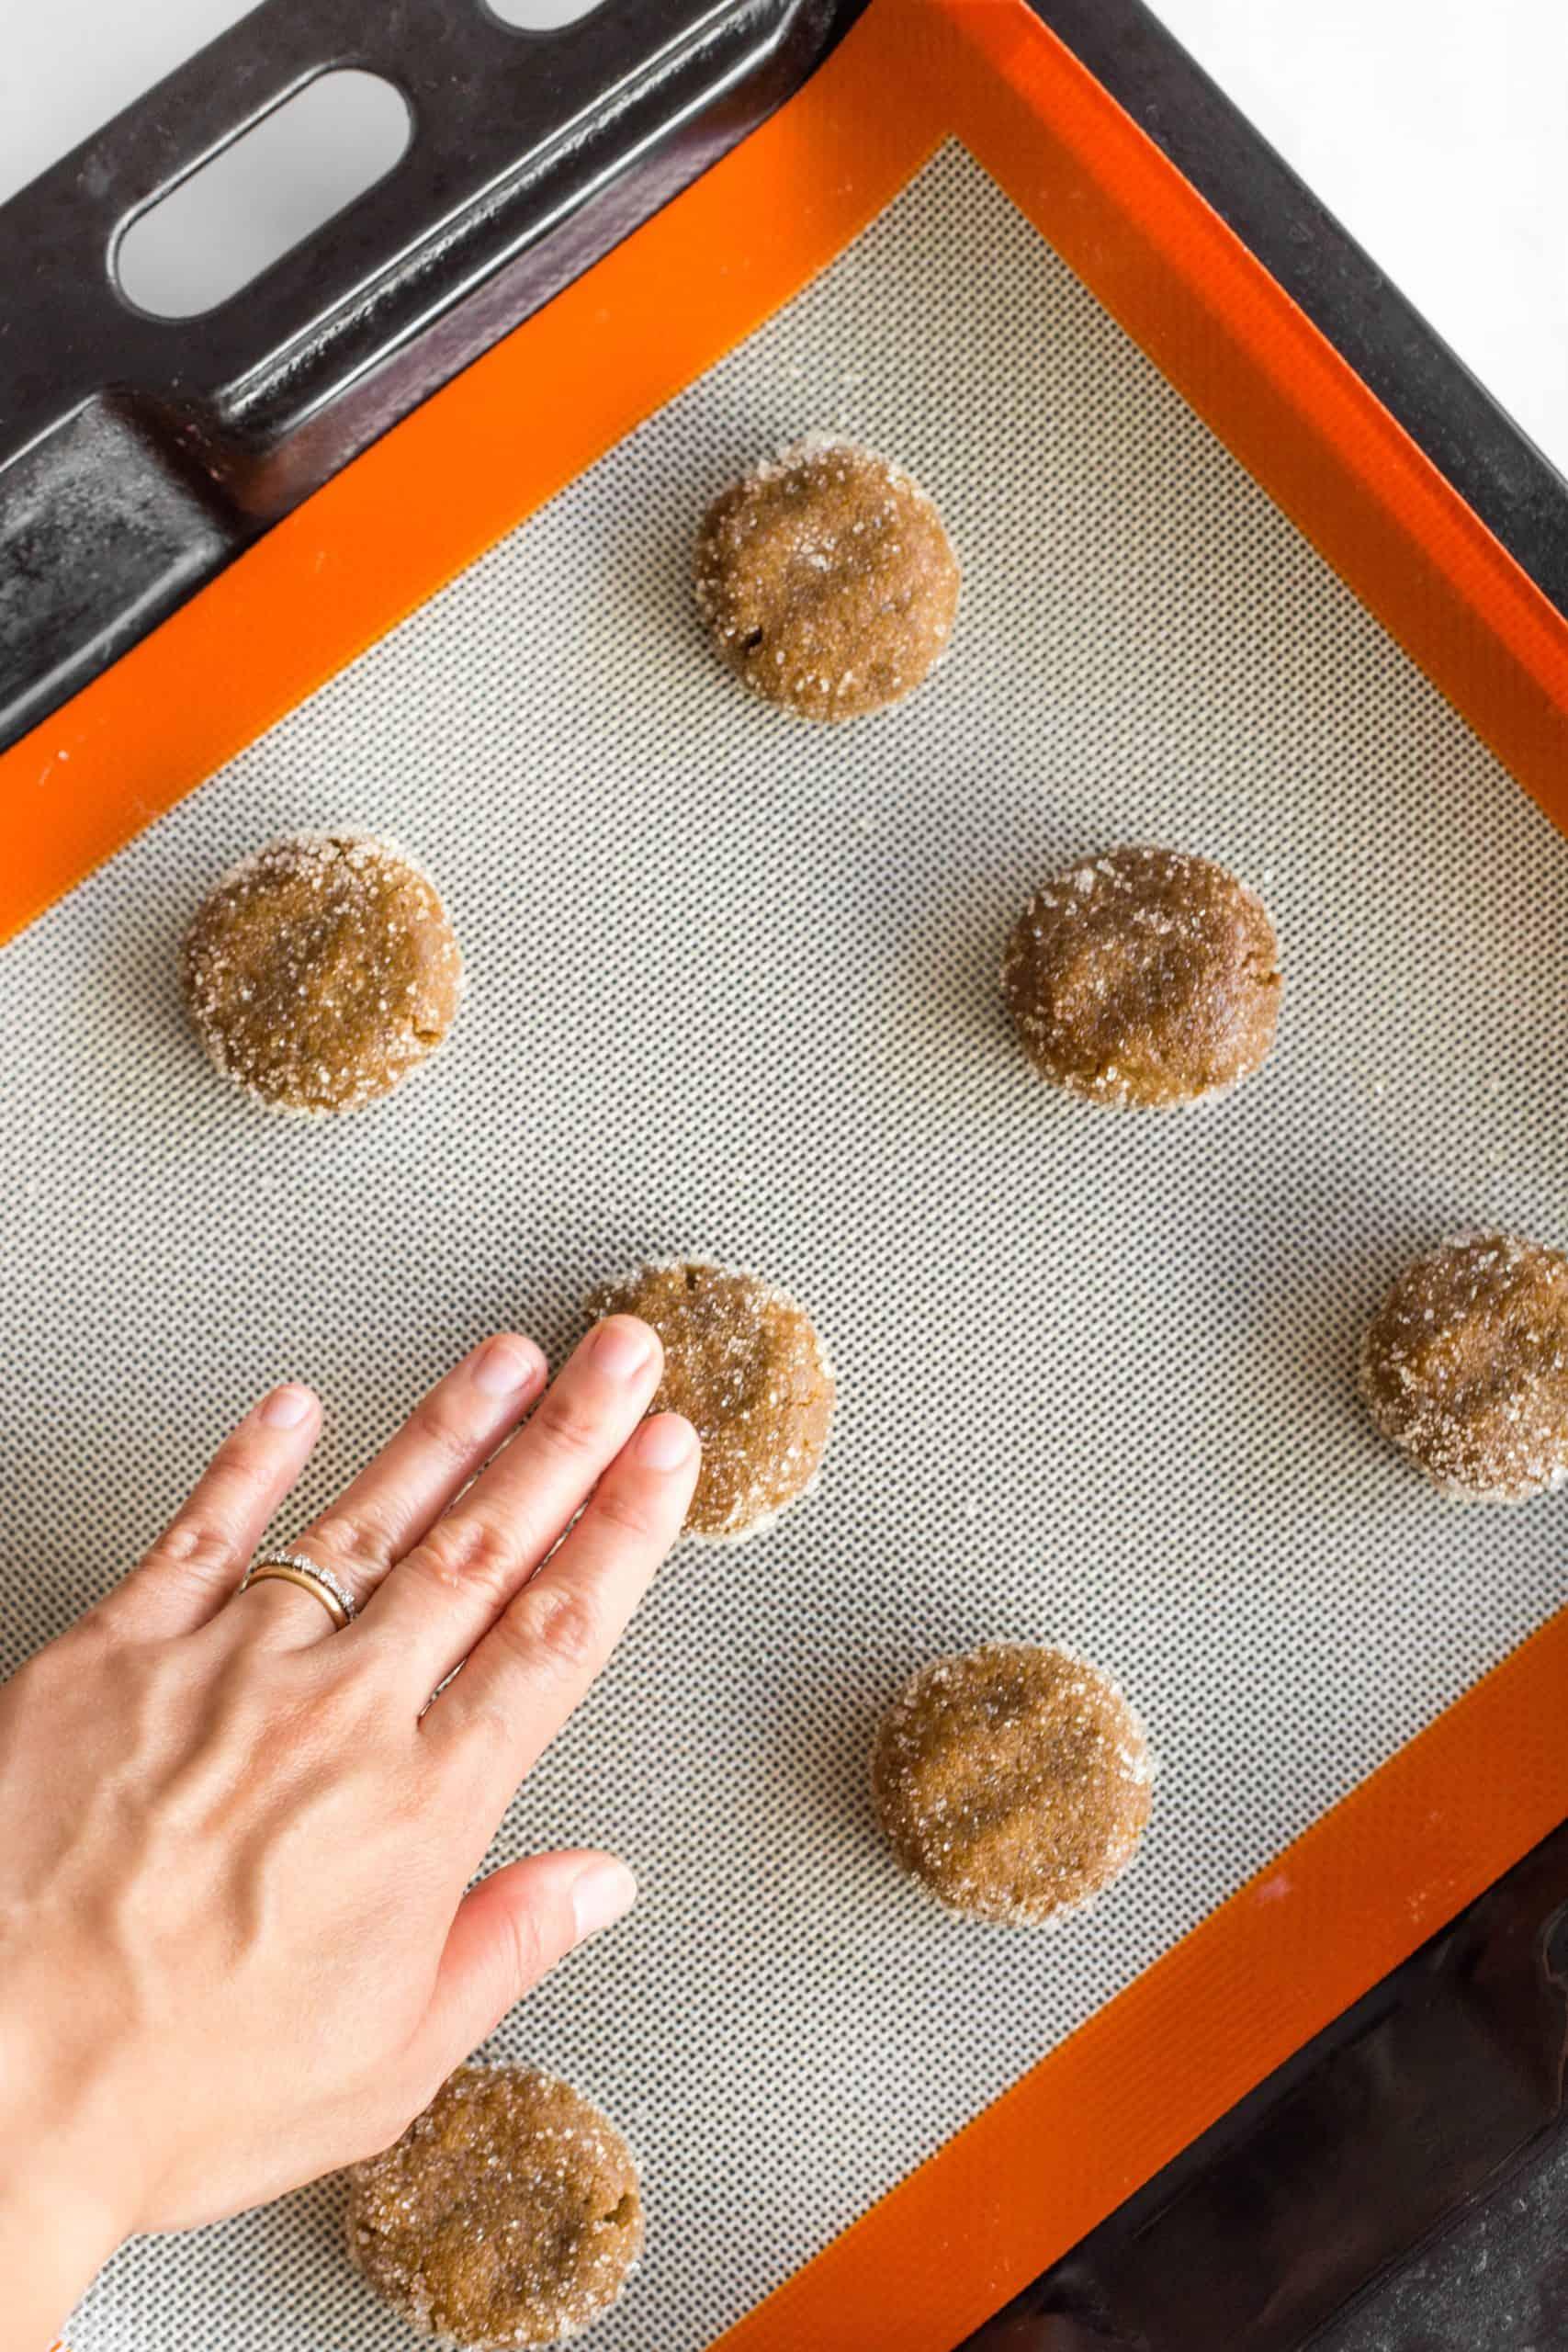 Using fingers to flatten cookie dough balls on a baking sheet.